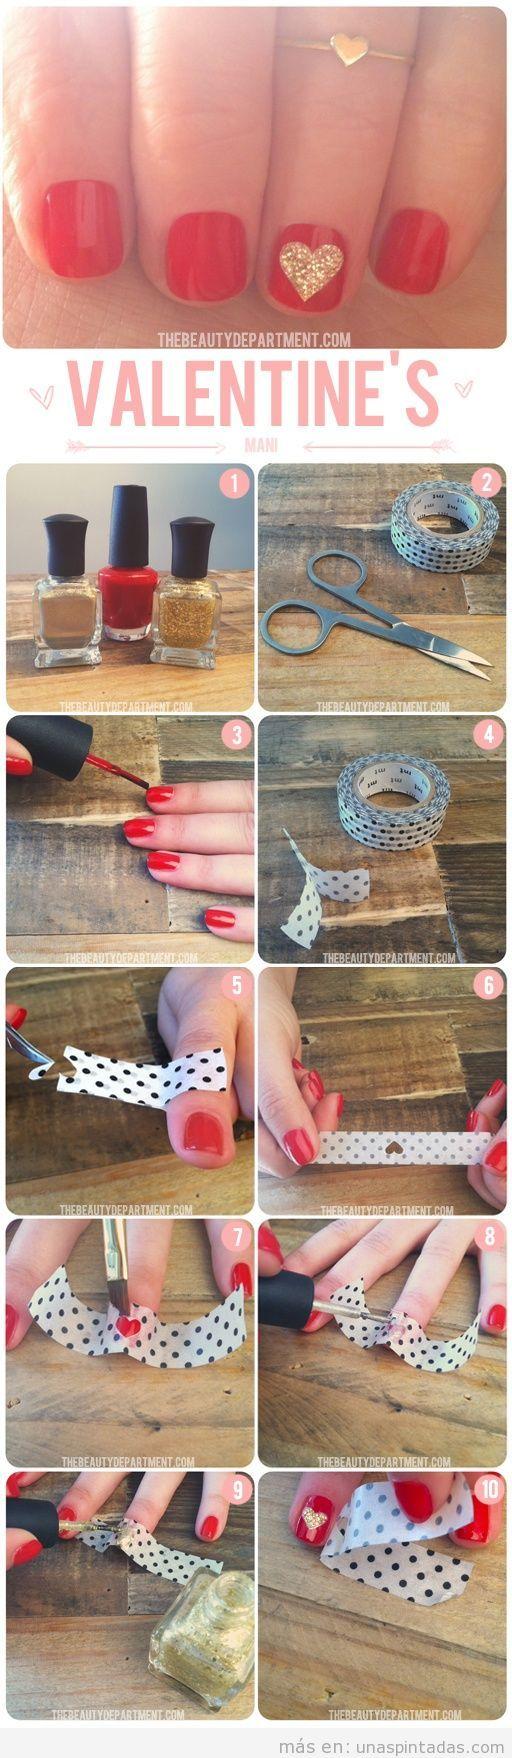 Tutorial paso a paso para decoración de uñas corazón San Valentín